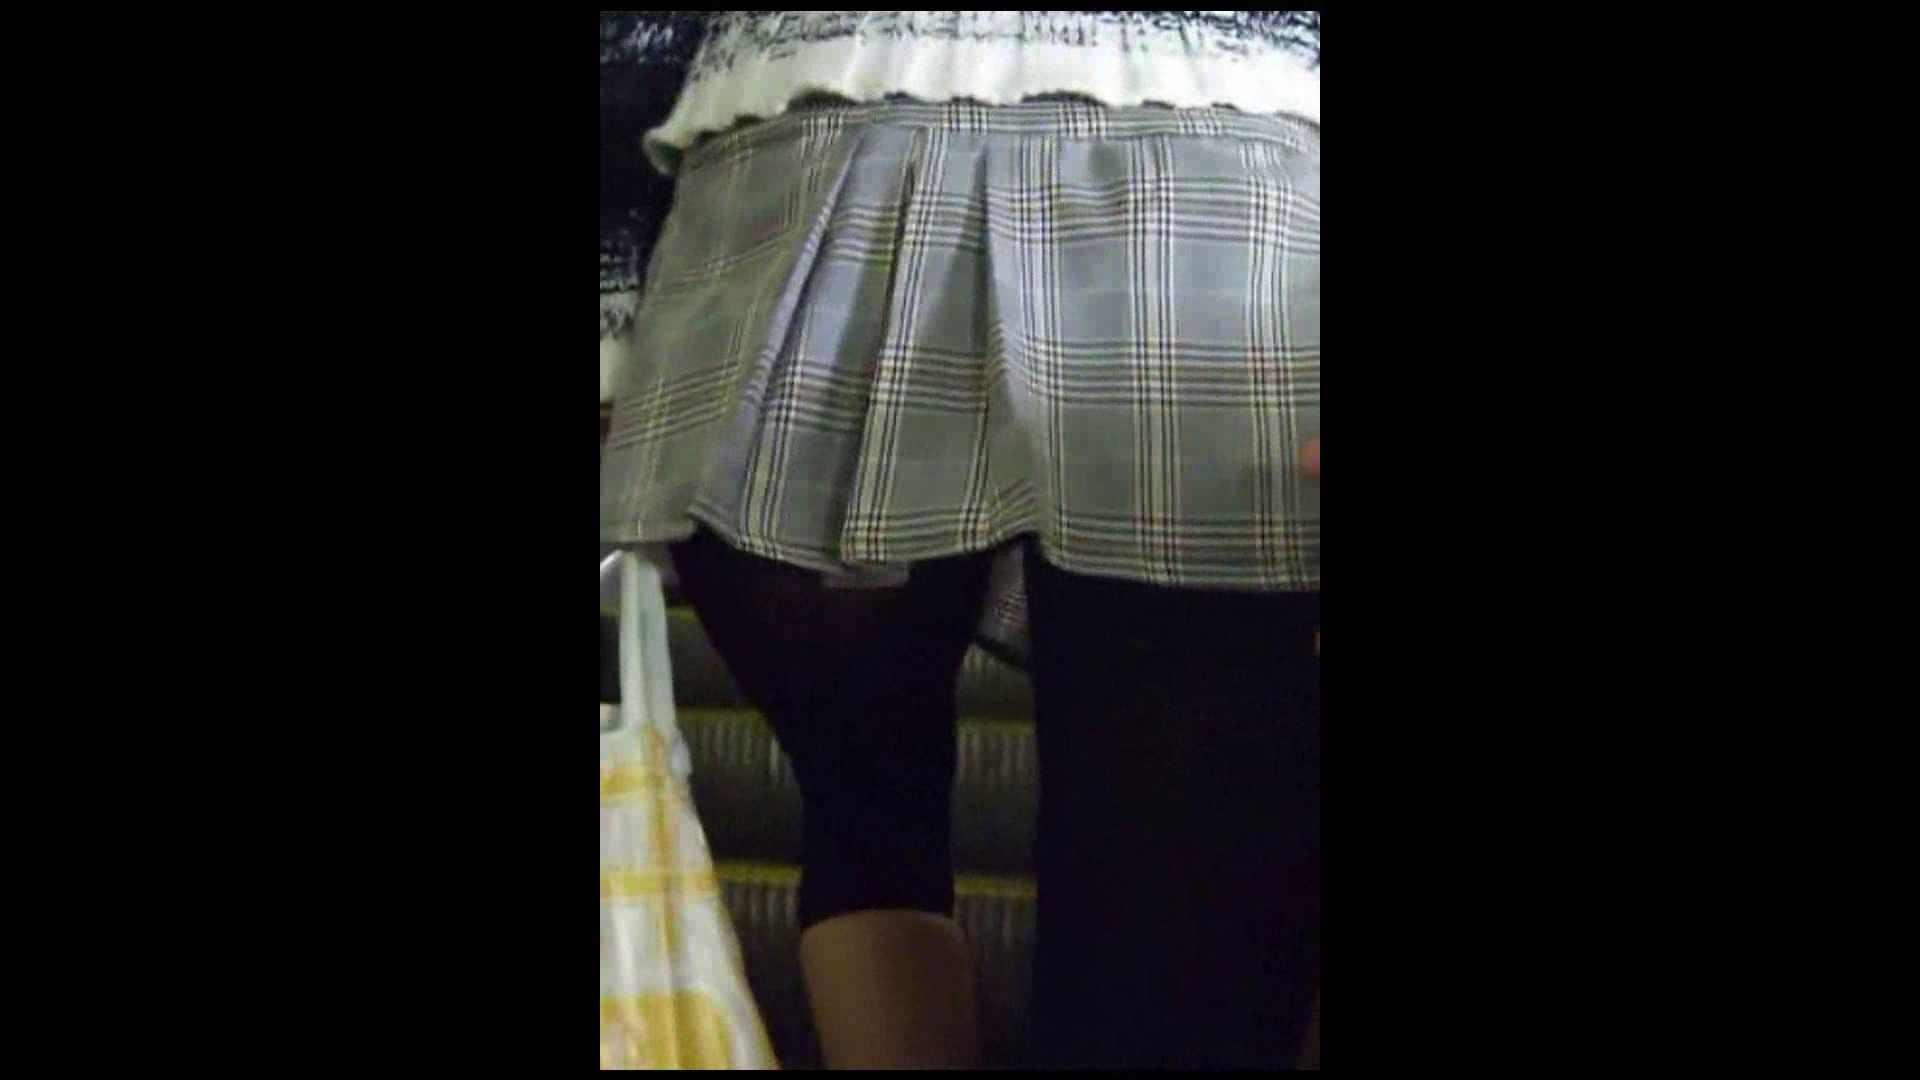 綺麗なモデルさんのスカート捲っちゃおう‼vol02 OLすけべ画像  82連発 33